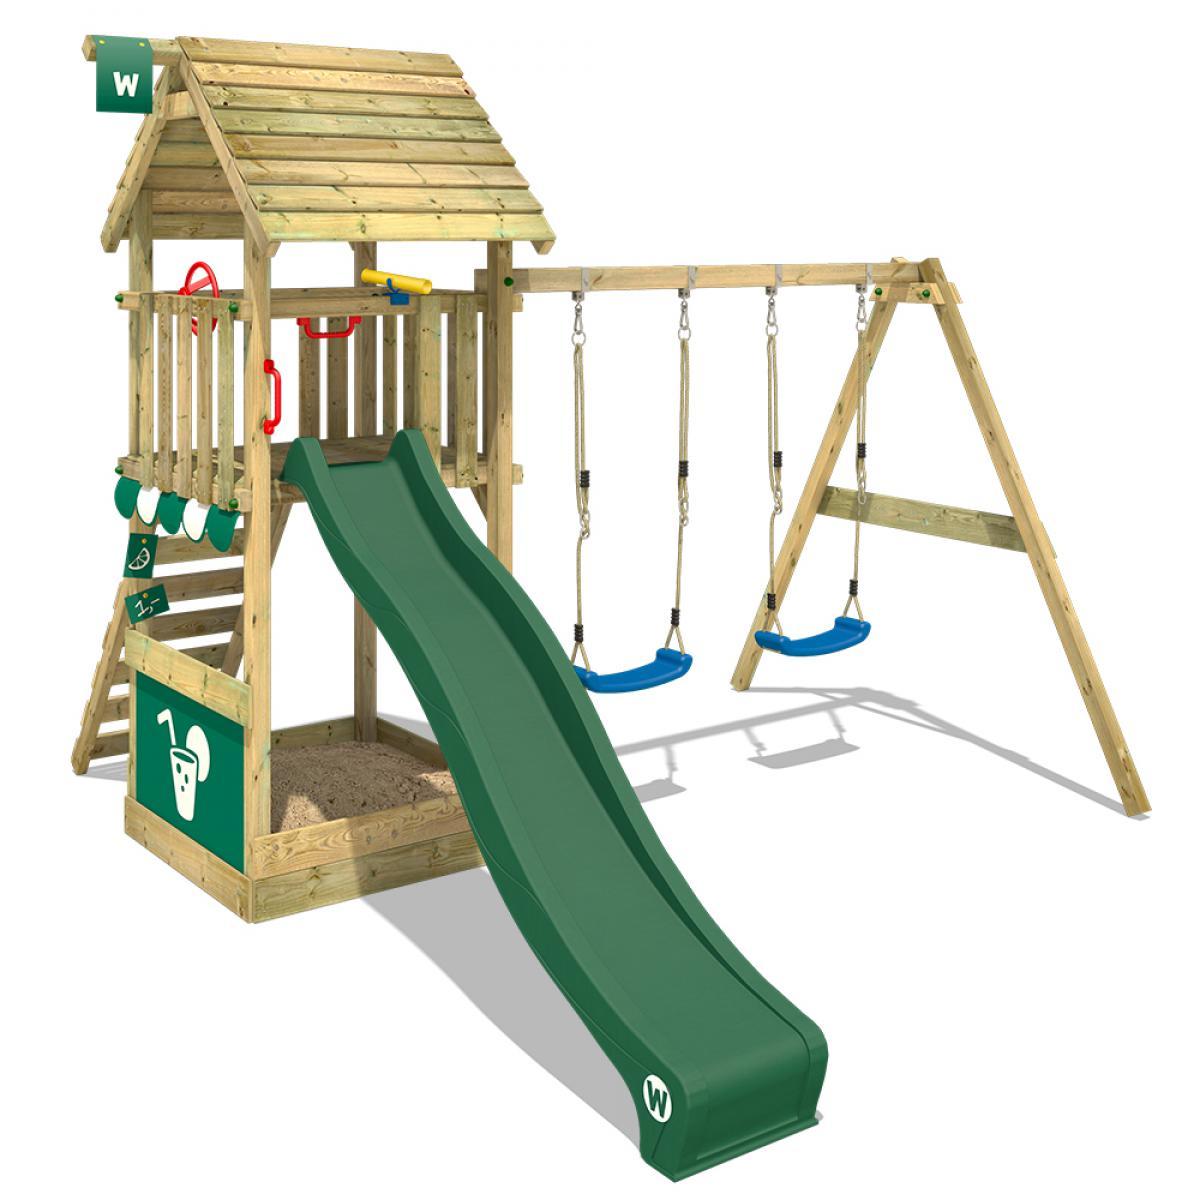 Wickey WICKEY Aire de jeux Portique bois Smart Shelter toit en bois avec balançoire et toboggan vert Maison enfant exterieur av